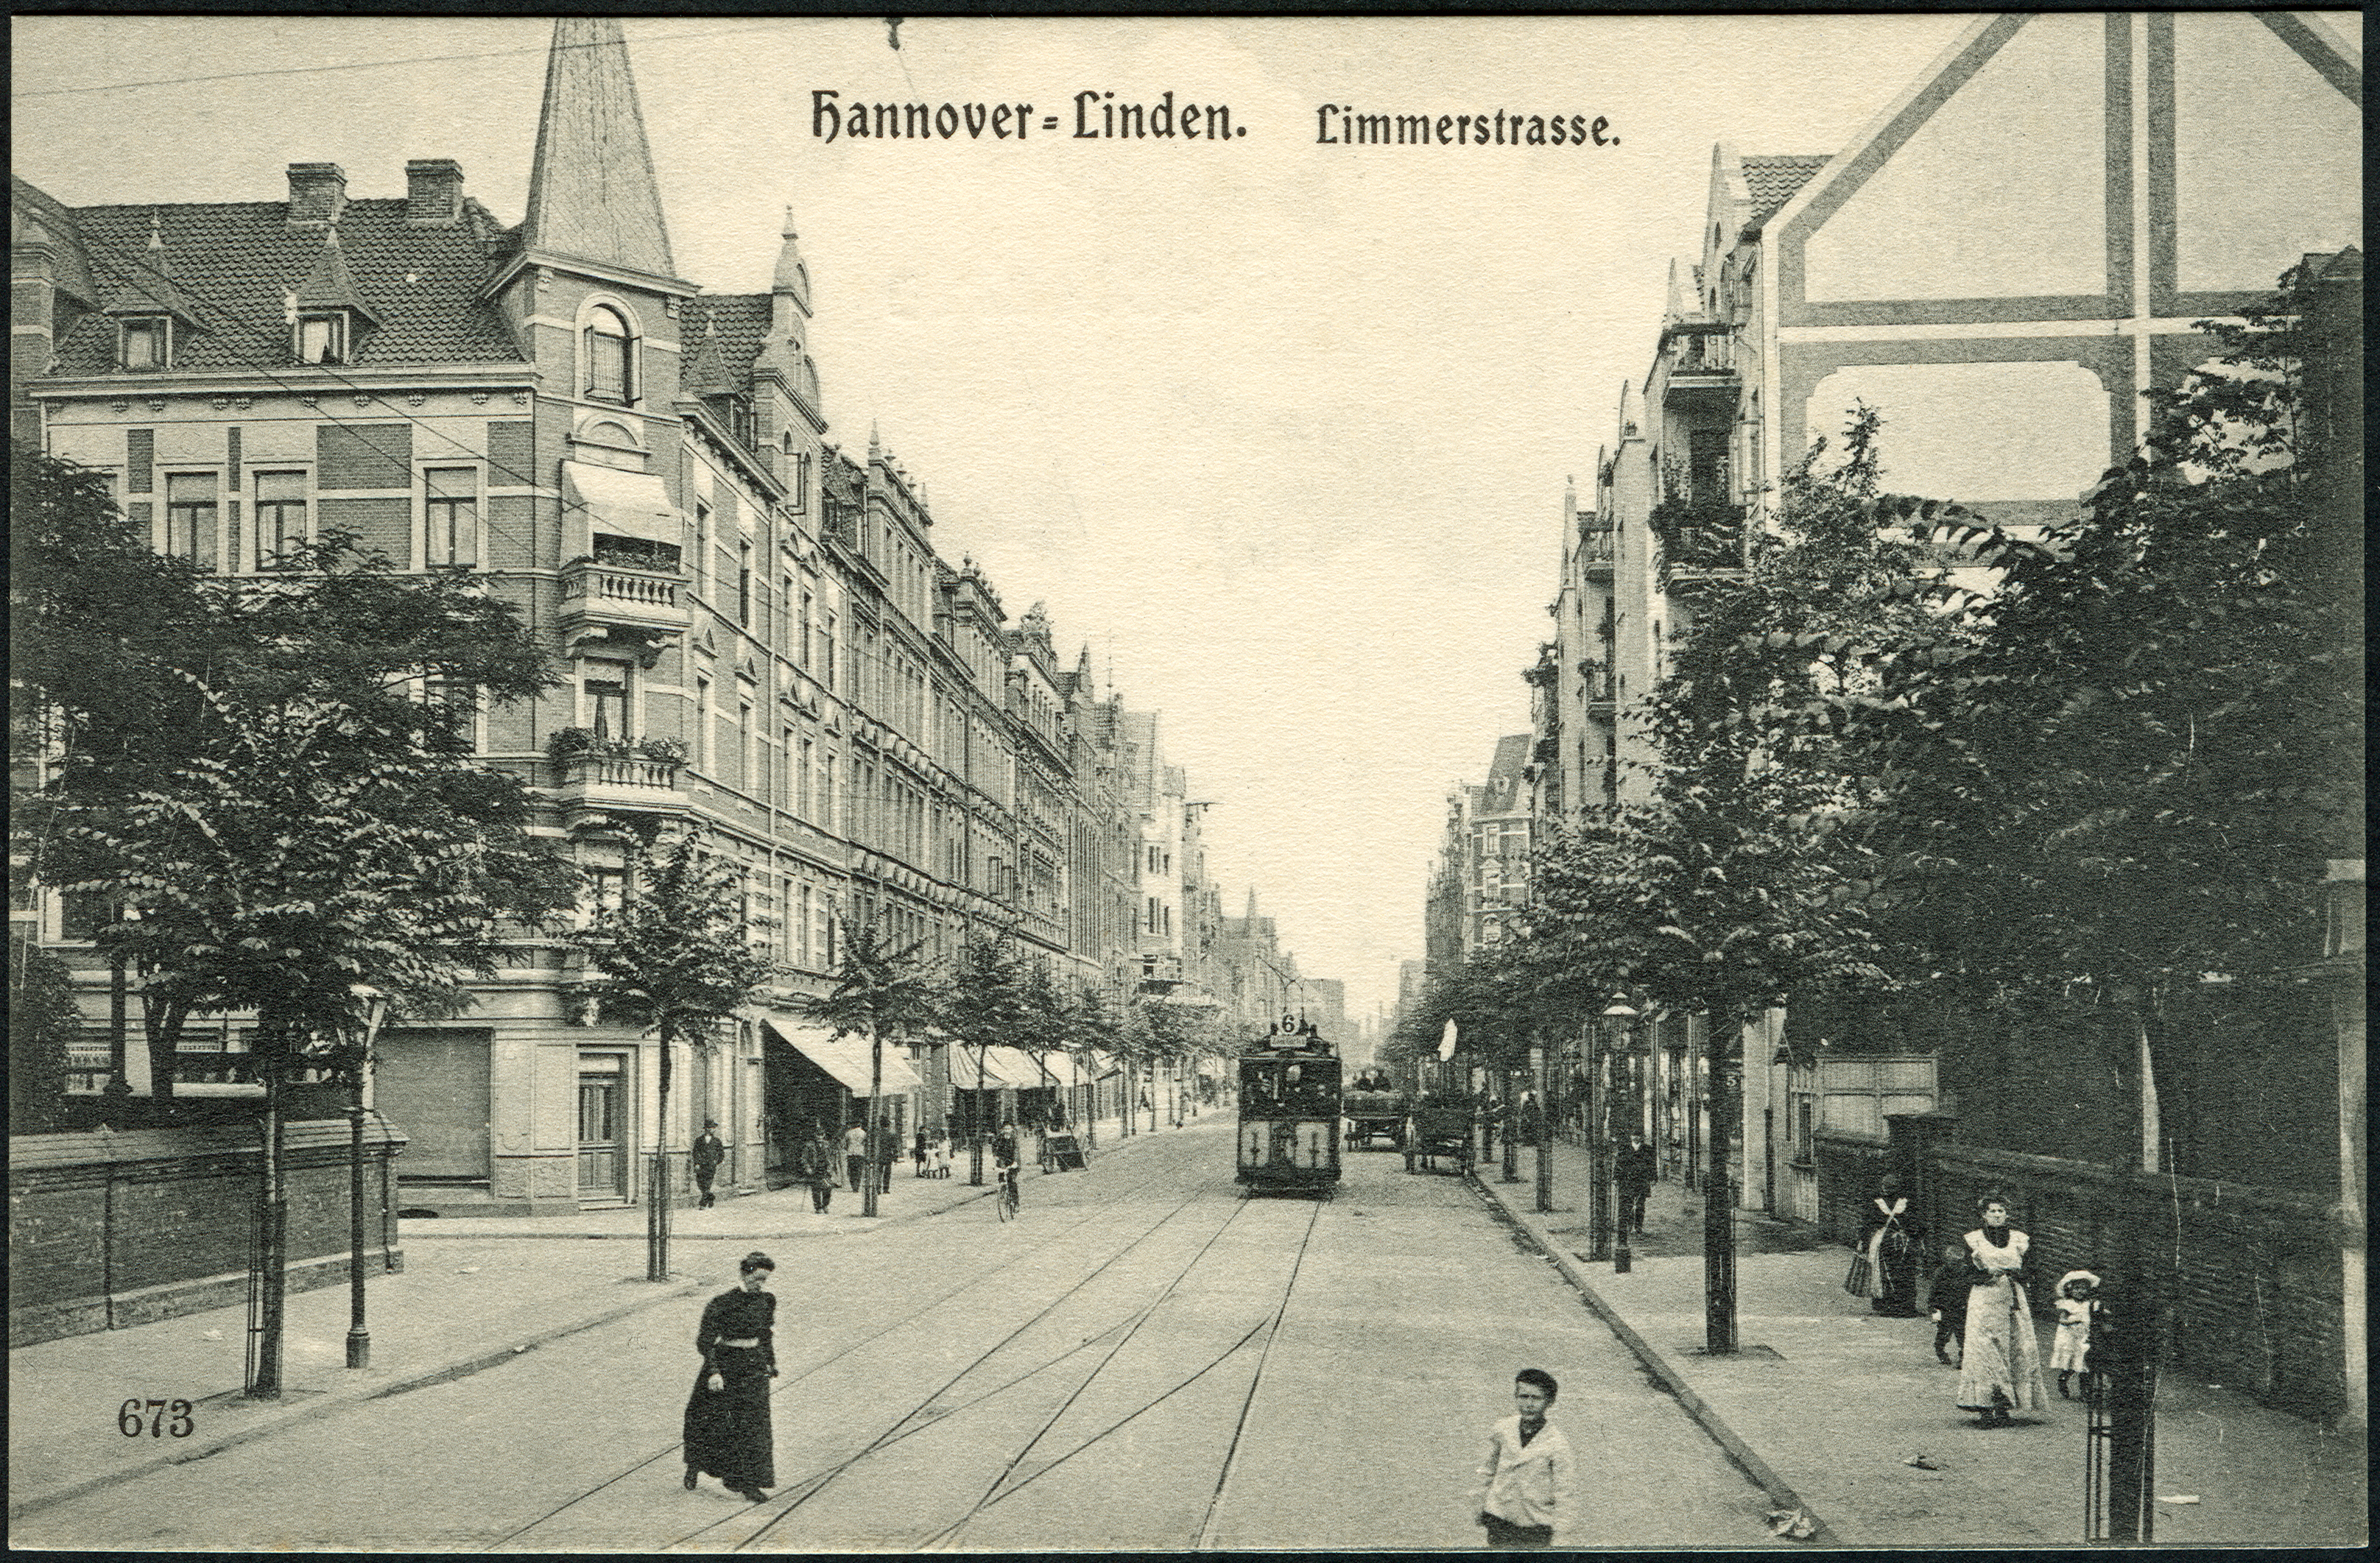 File Anonymer Fotograf Pc 0673 Hannover Linden Limmerstrasse